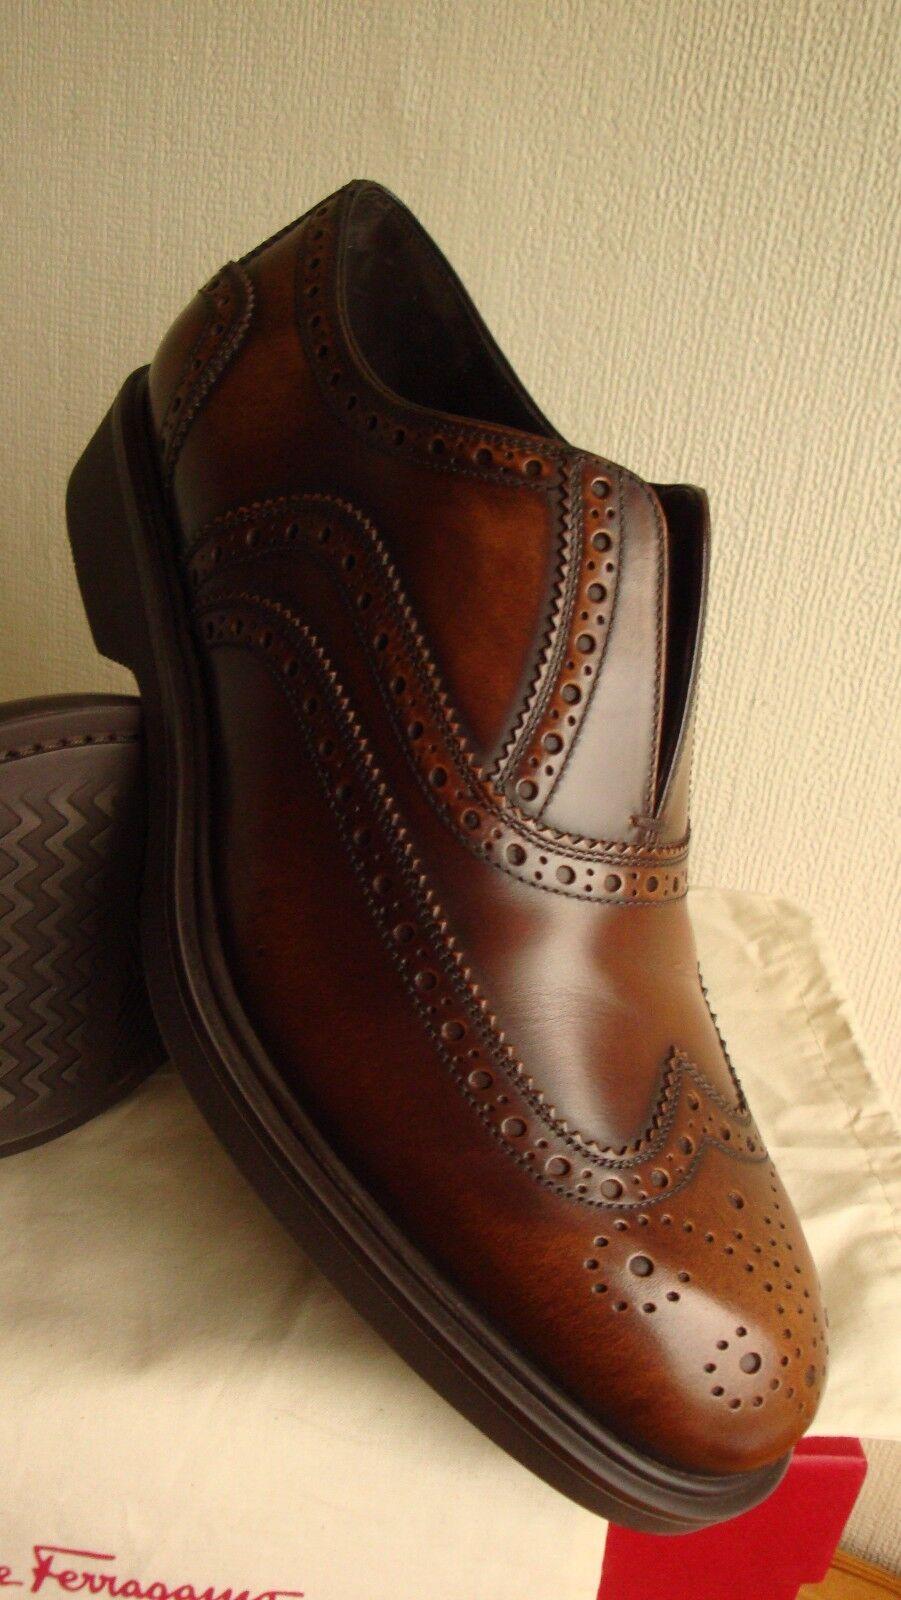 negozio outlet Ferragamo Slip-On Elasticizzato Elasticizzato Elasticizzato Lazyman ALA TIP SCARPE BROGUE OXFORD scarpe 6.5 7.5 EEE  prendiamo i clienti come nostro dio